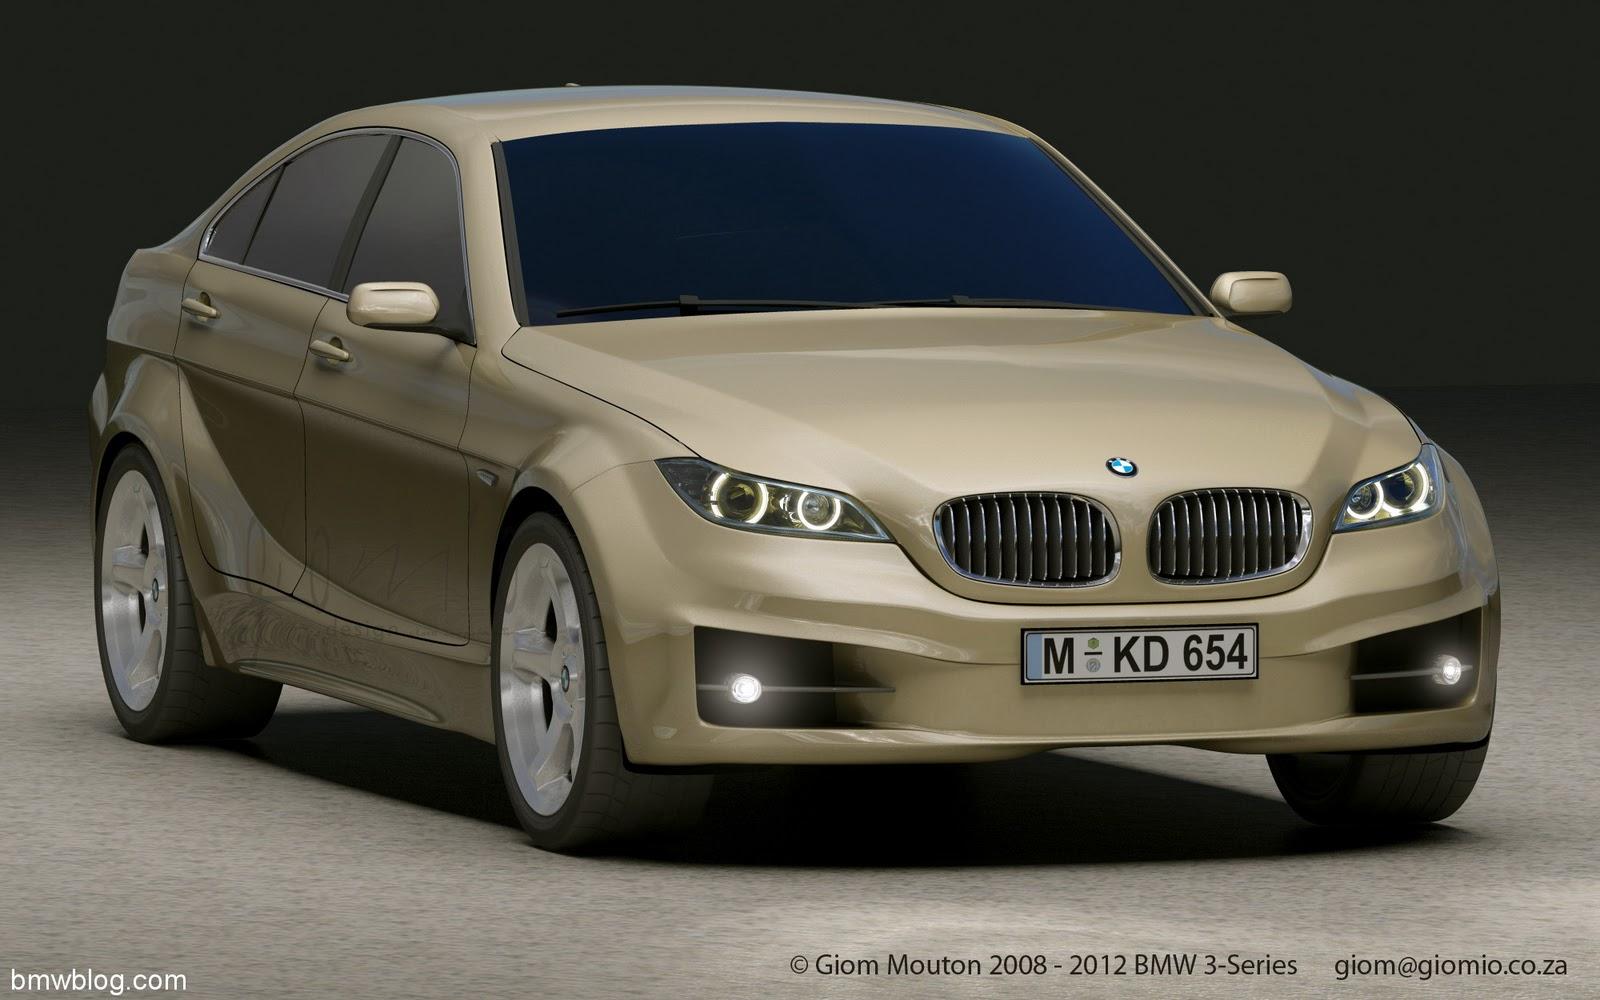 http://4.bp.blogspot.com/-87R1pgoPFB4/TZyDuWccRJI/AAAAAAAAANA/FVZL--cZErk/s1600/2012-BMW-3Series-1.jpg